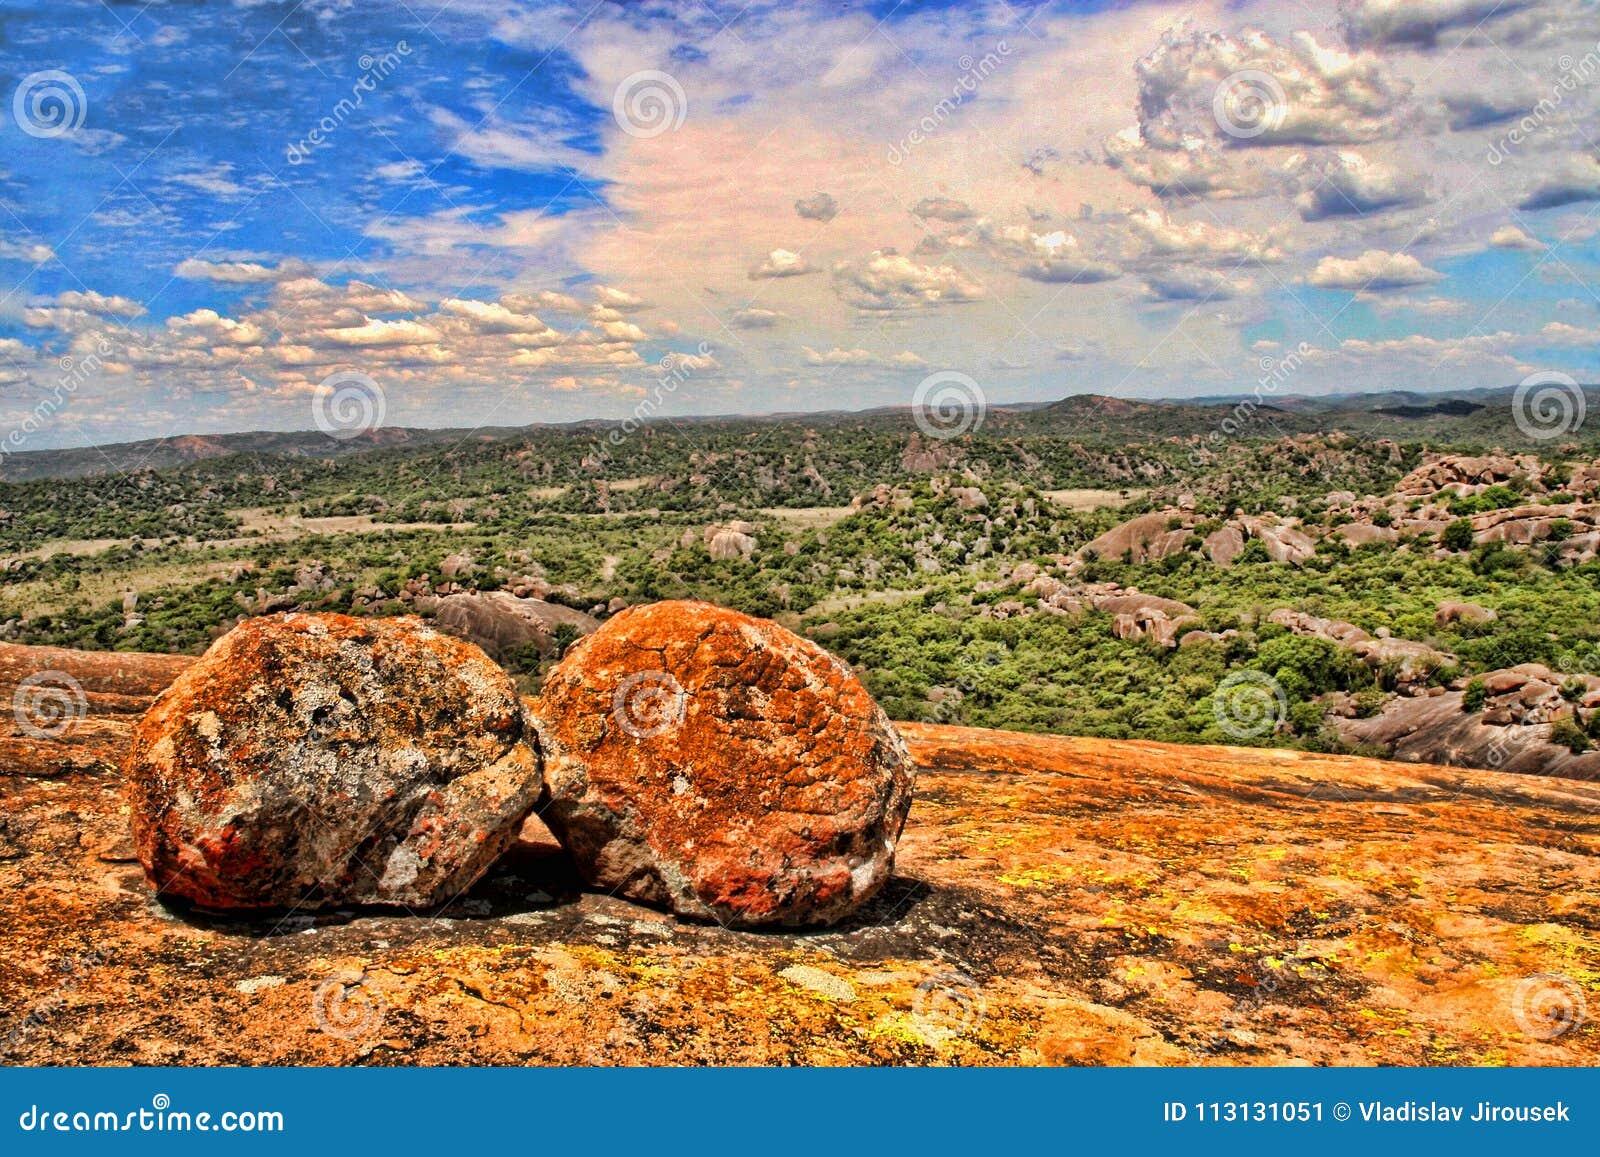 Mooie rotsachtige vormingen van het Nationale Park van Matopos, Zimbabwe